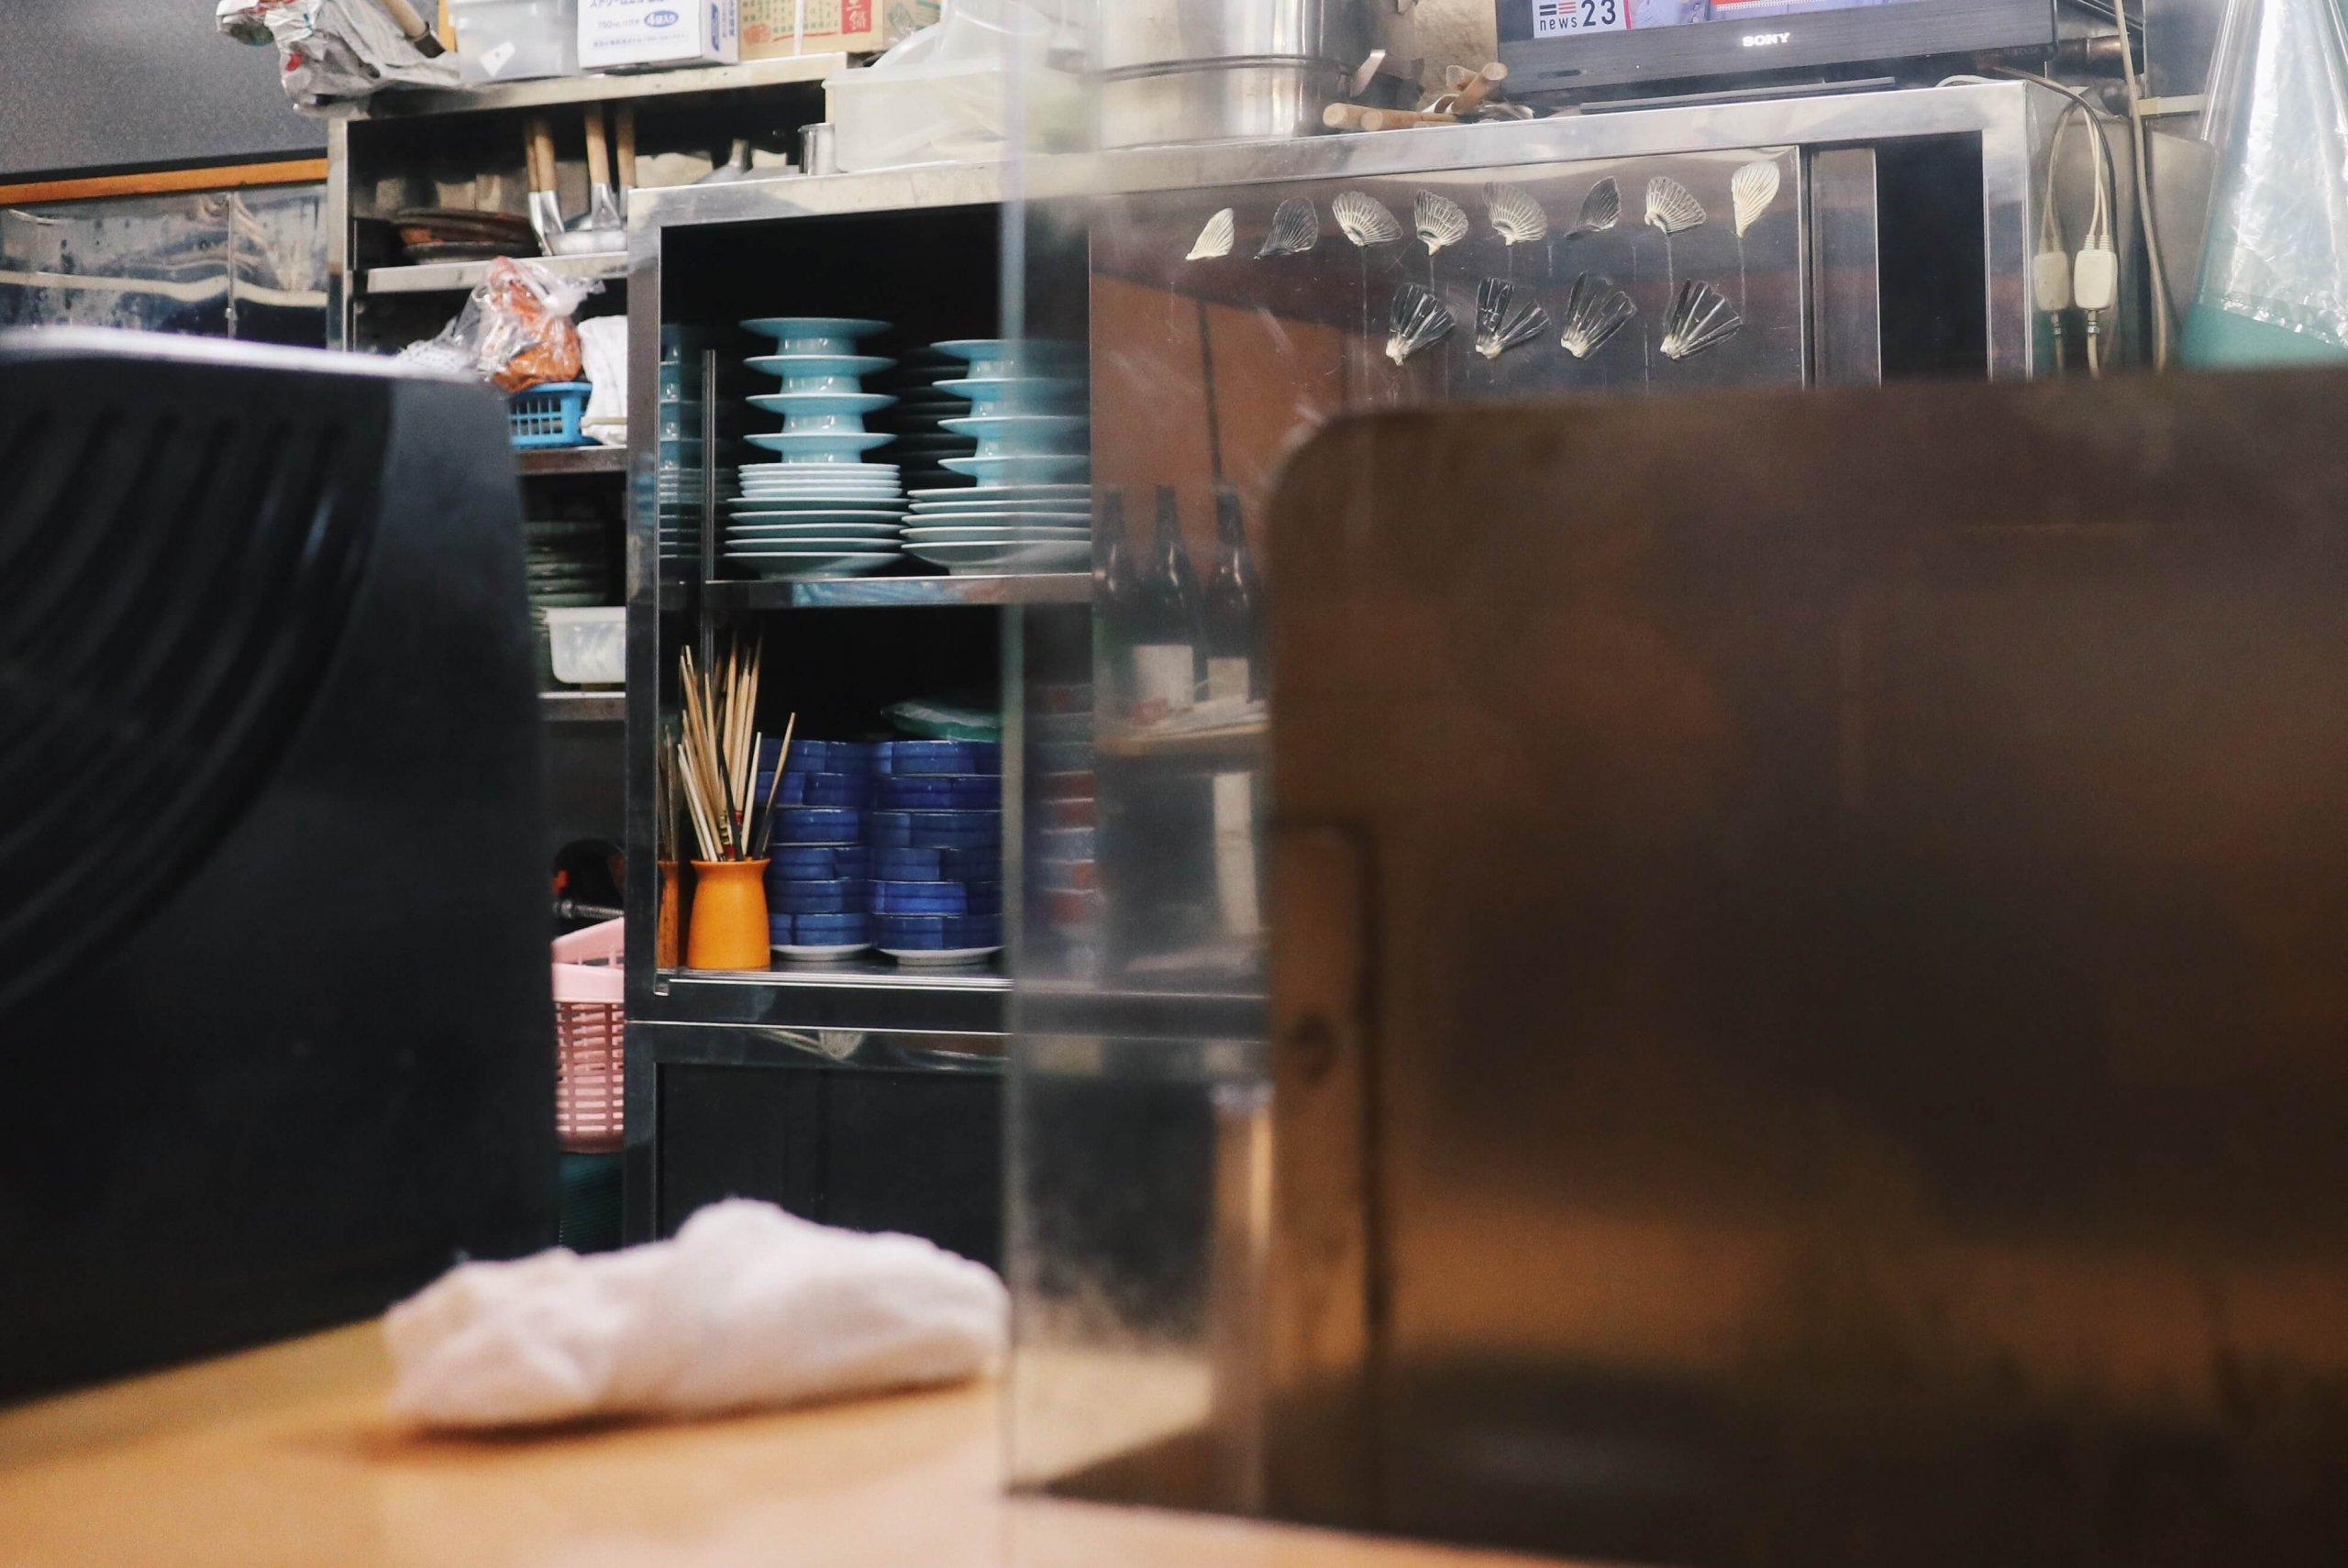 ローカルWEBメディア・地域サイト 草加ローカルストーリー 草加 居酒屋 三芳 食器棚